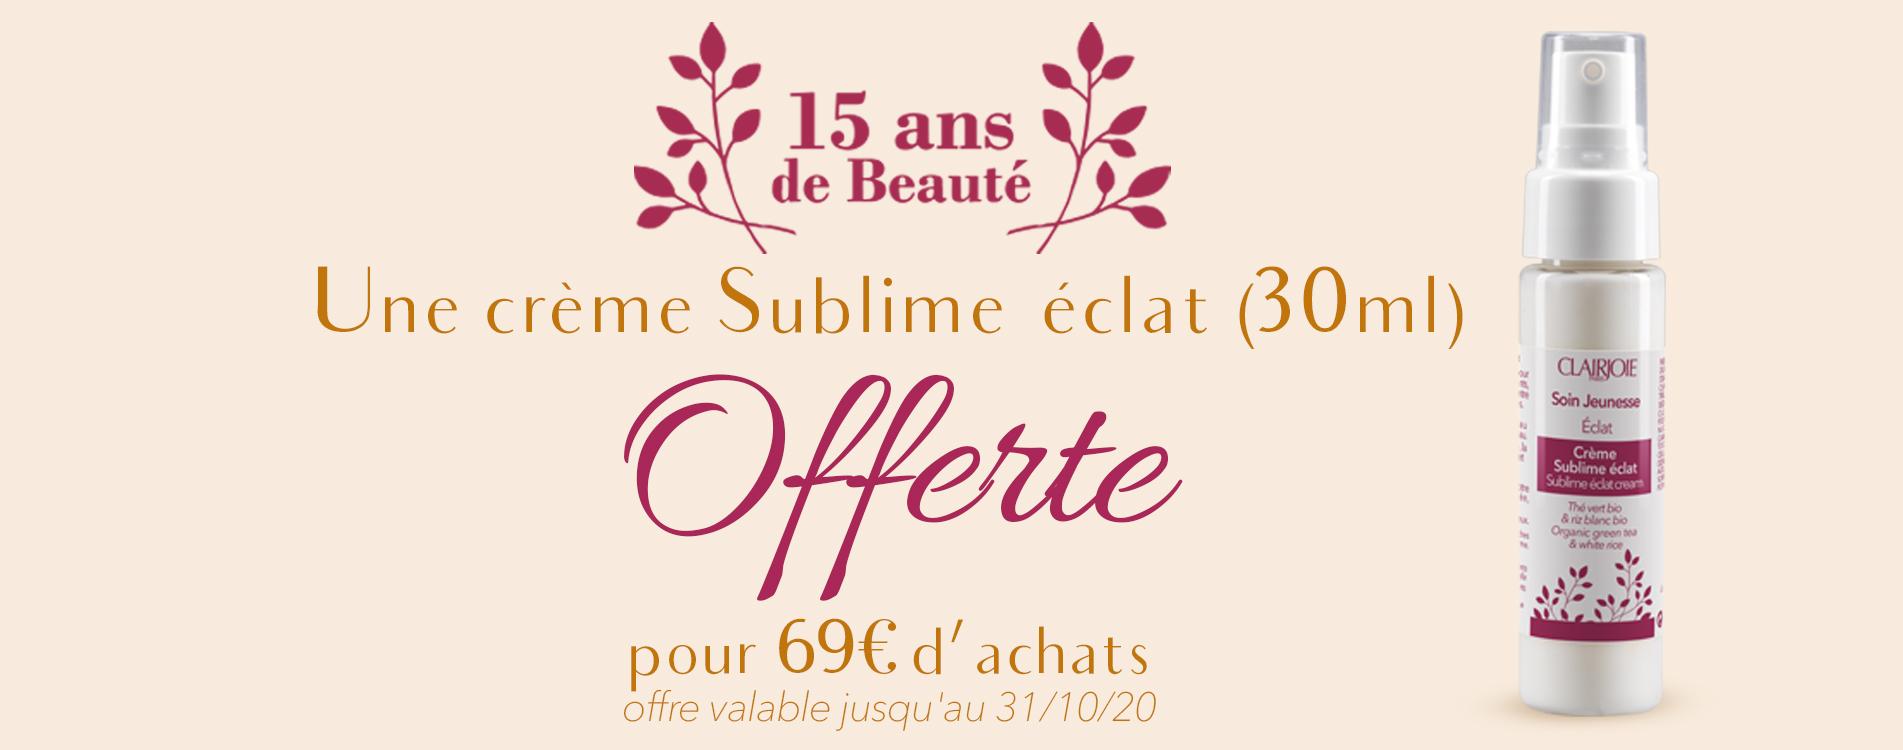 Une crème Sublime éclat offerte dès 69€